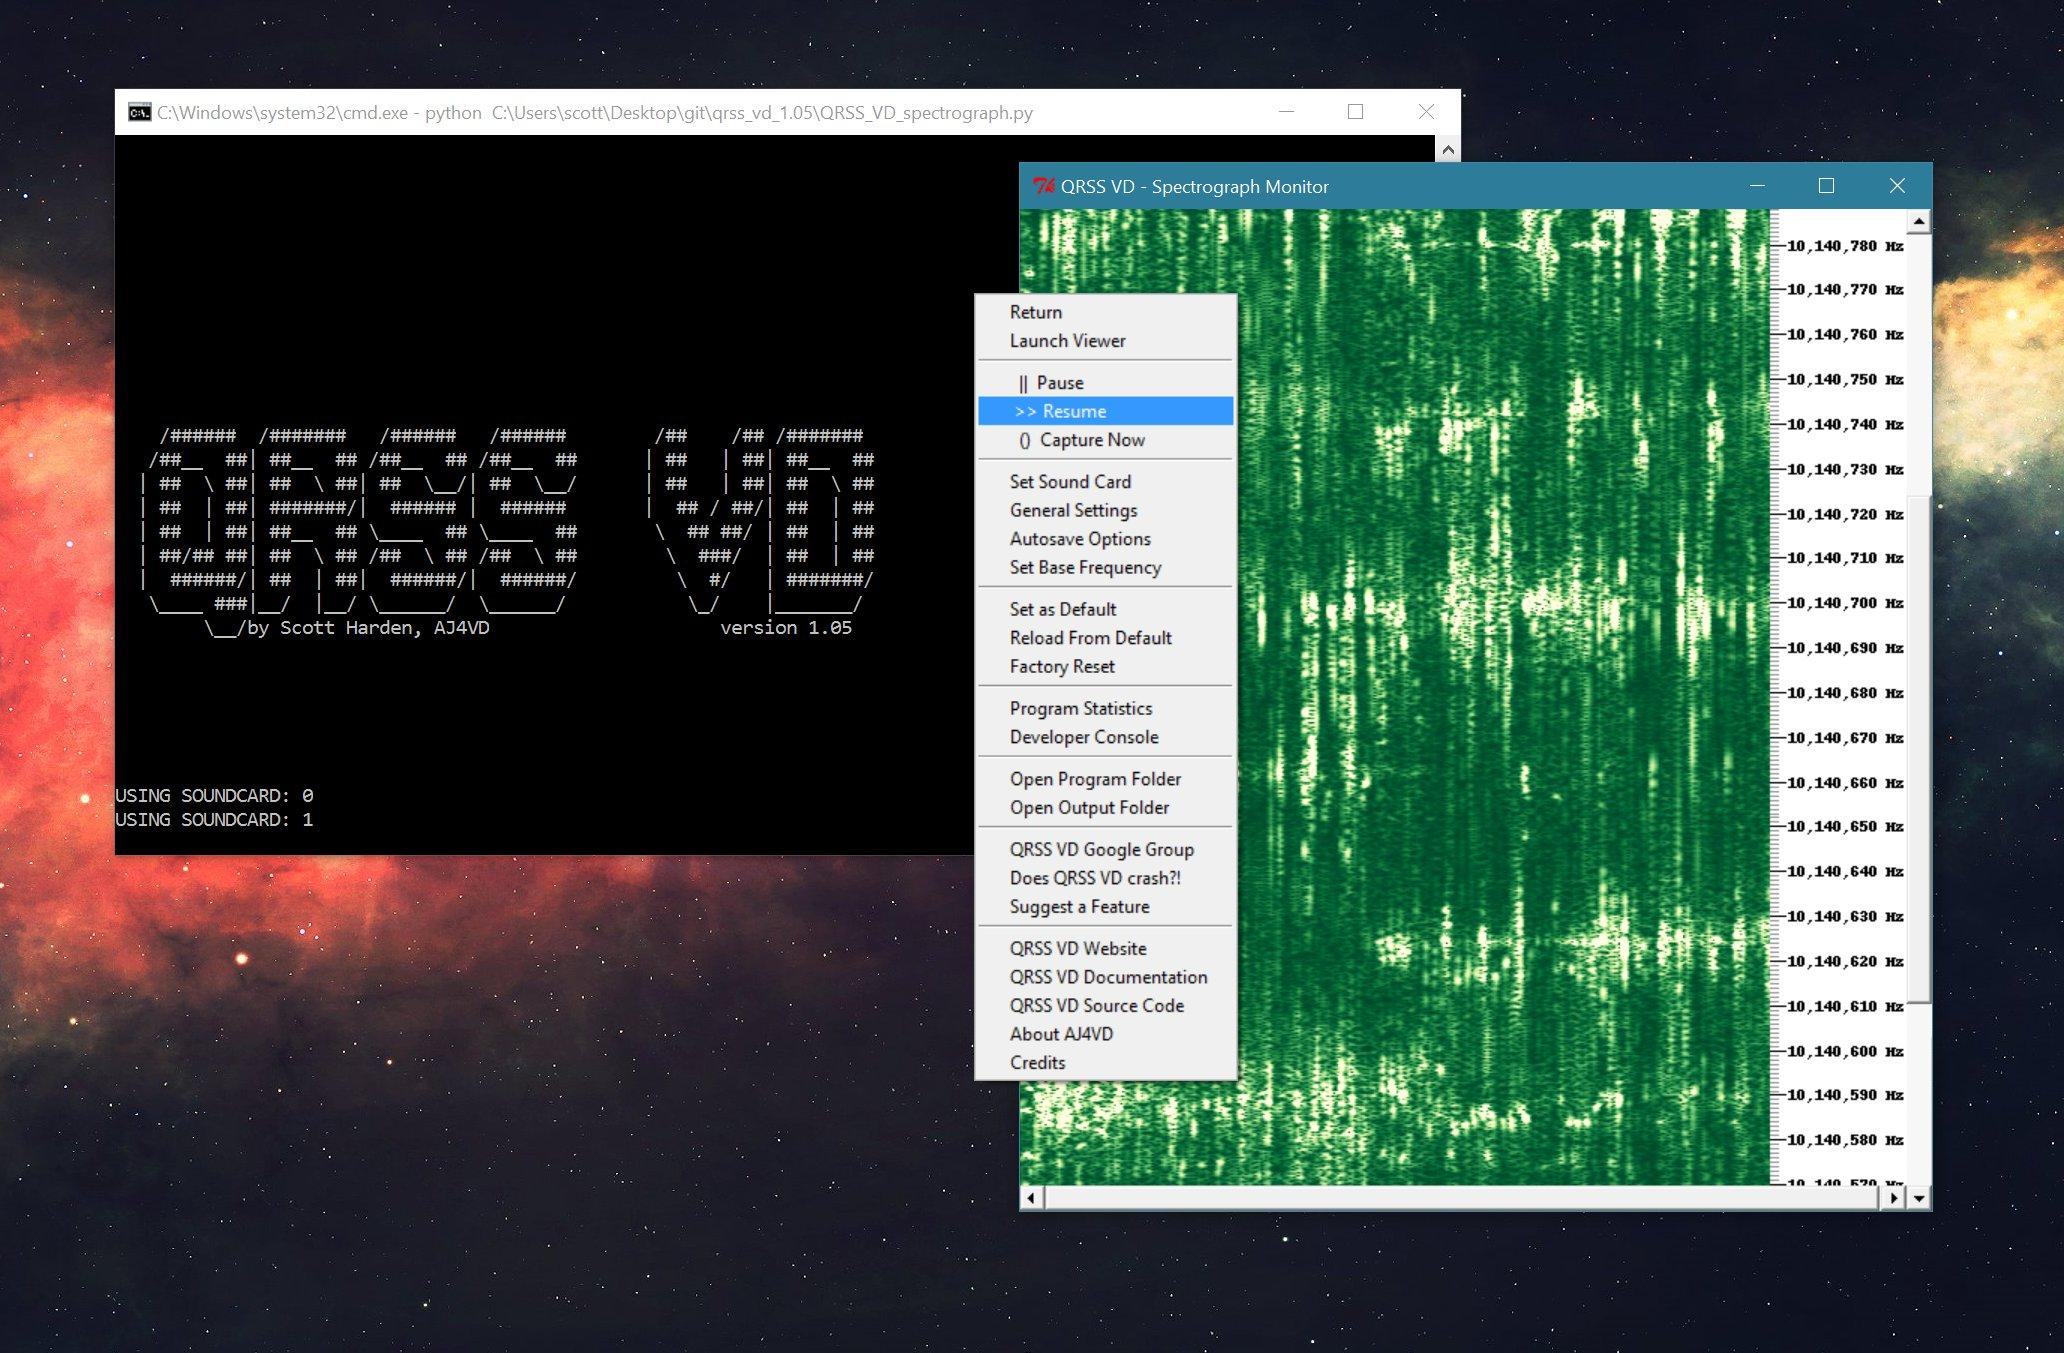 https://github.com/QRSS-VD/QRSS-VD/raw/master/img/2016-07-30-screenshot.jpg